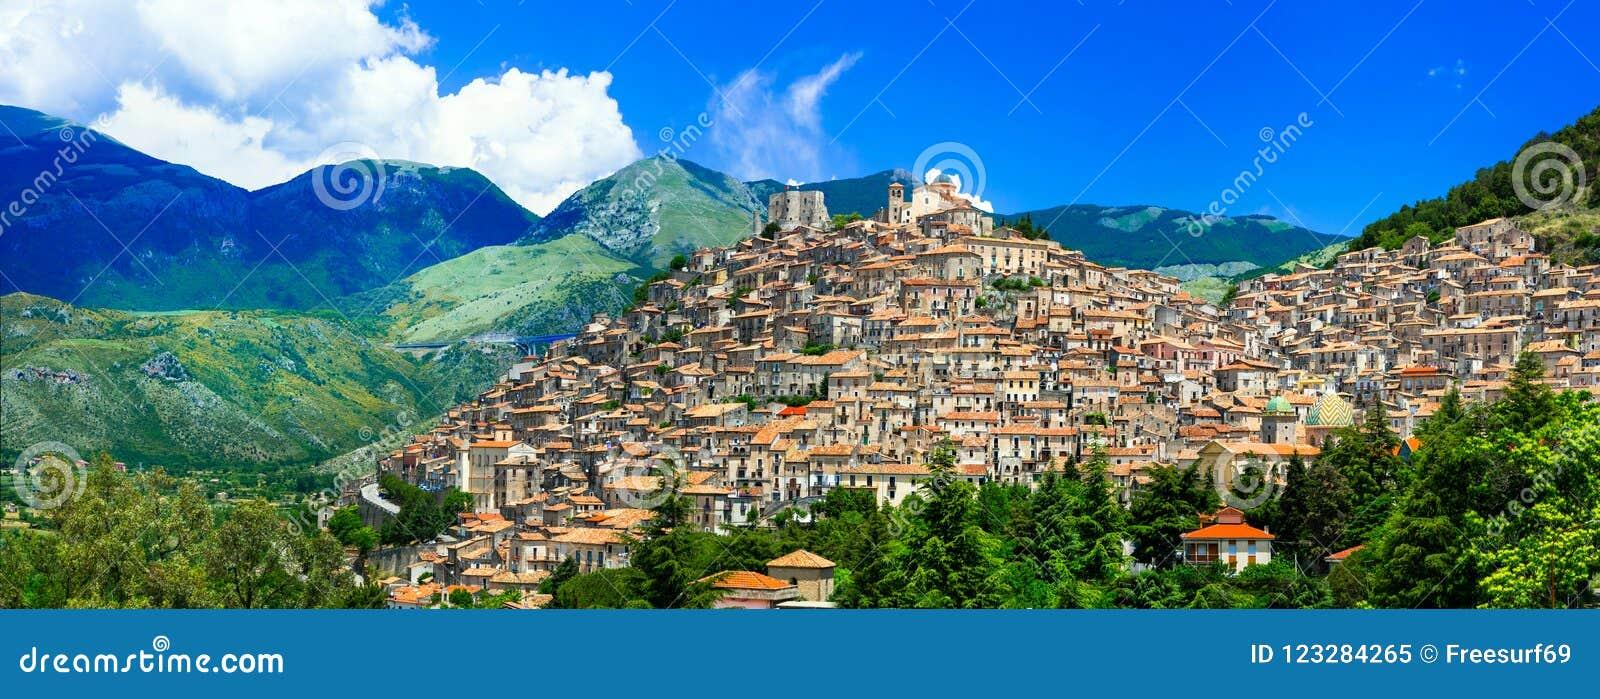 Het indrukwekkende dorp van Morano Calabro, Calabrië, Italië